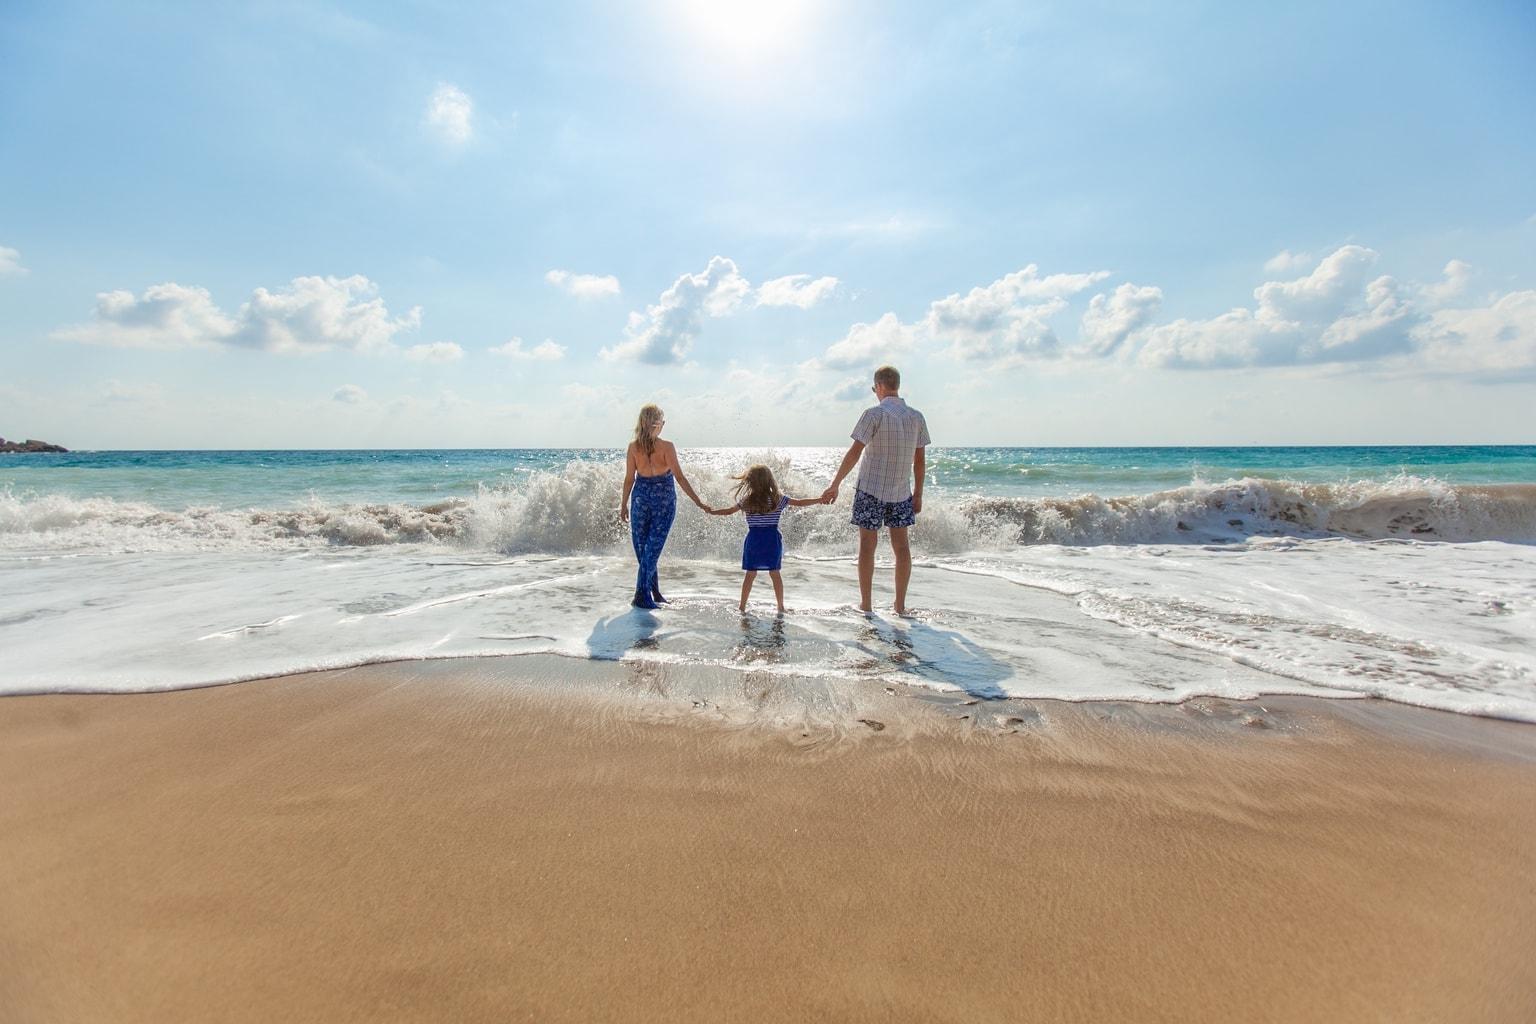 fotografía paisaje de una familia en la playa